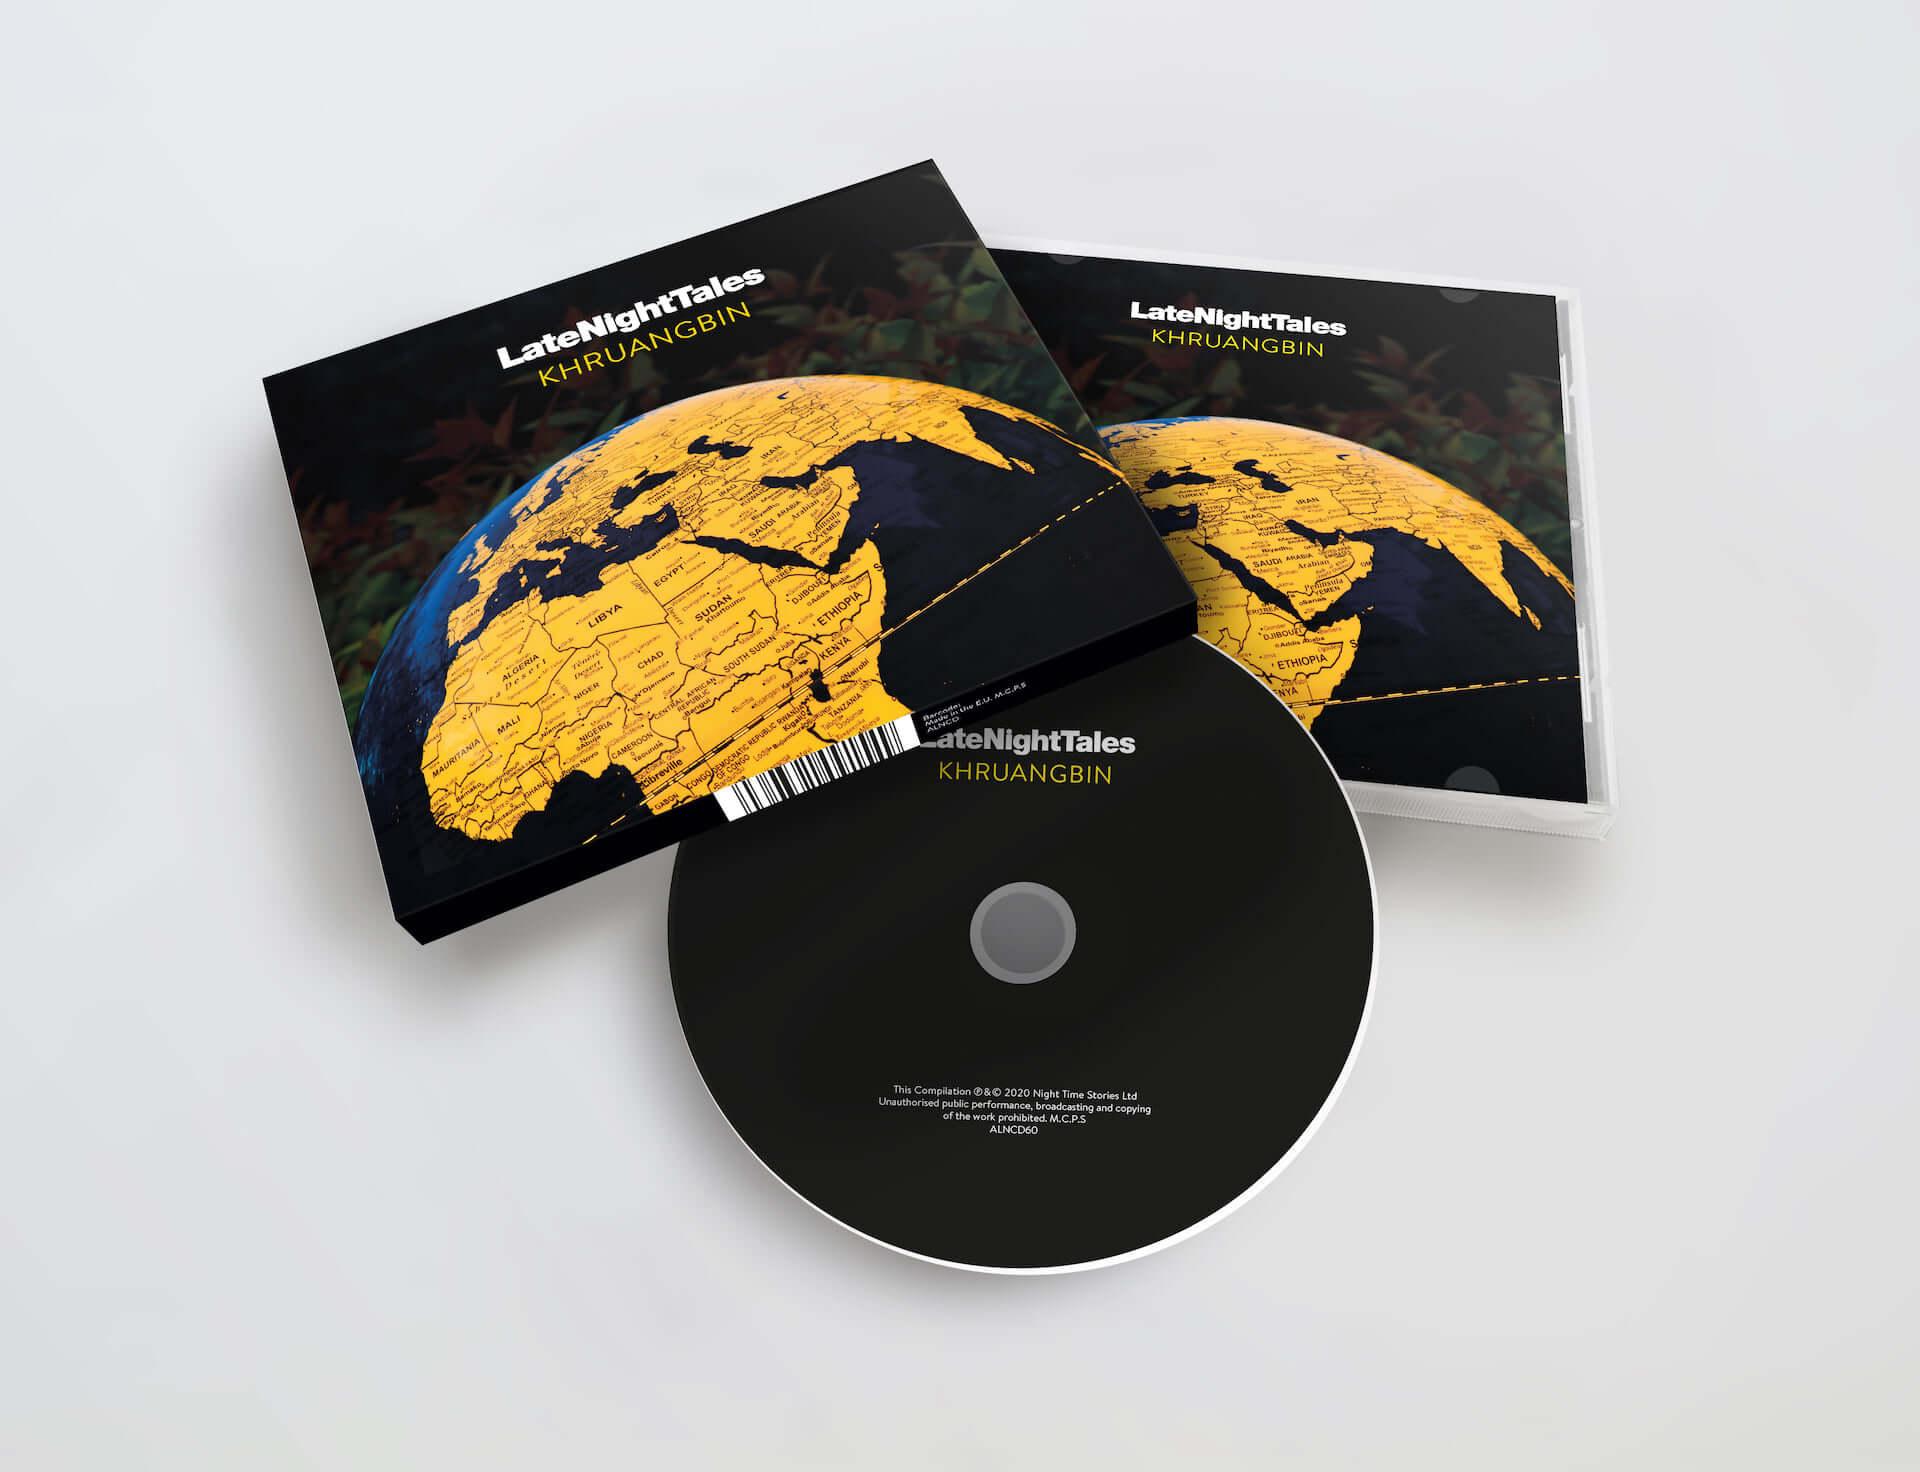 Khruangbinによる夜聴きコンピの決定盤「Late Night Tales」がリリース決定!萩原健一主演ドラマ『祭ばやしが聞こえる』の主題歌も収録 music201029_khruangbin_2-1920x1472